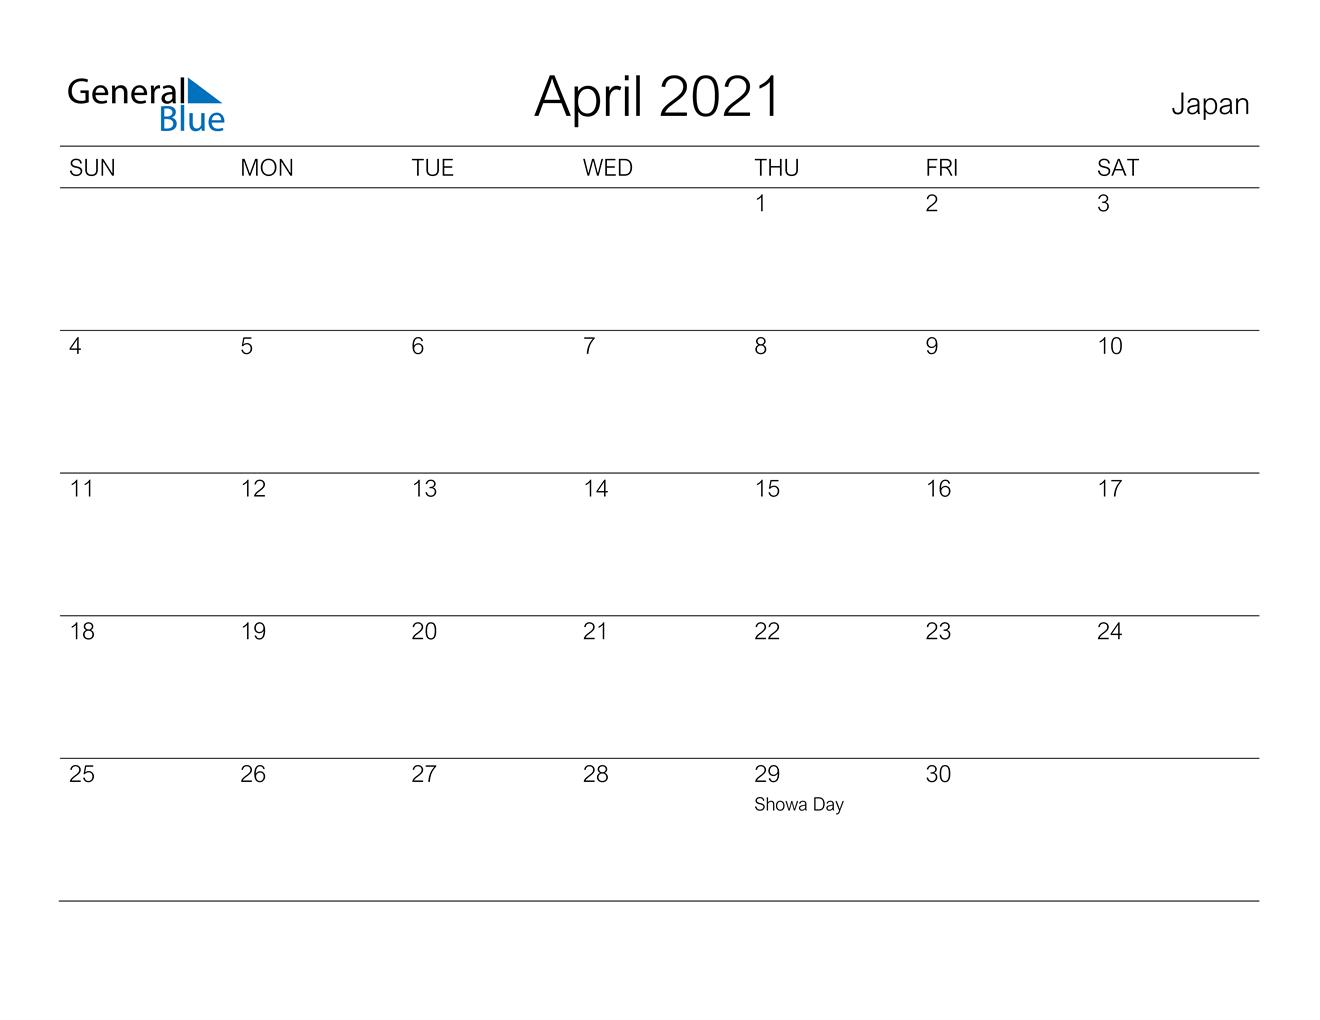 April 2021 Calendar - Japan